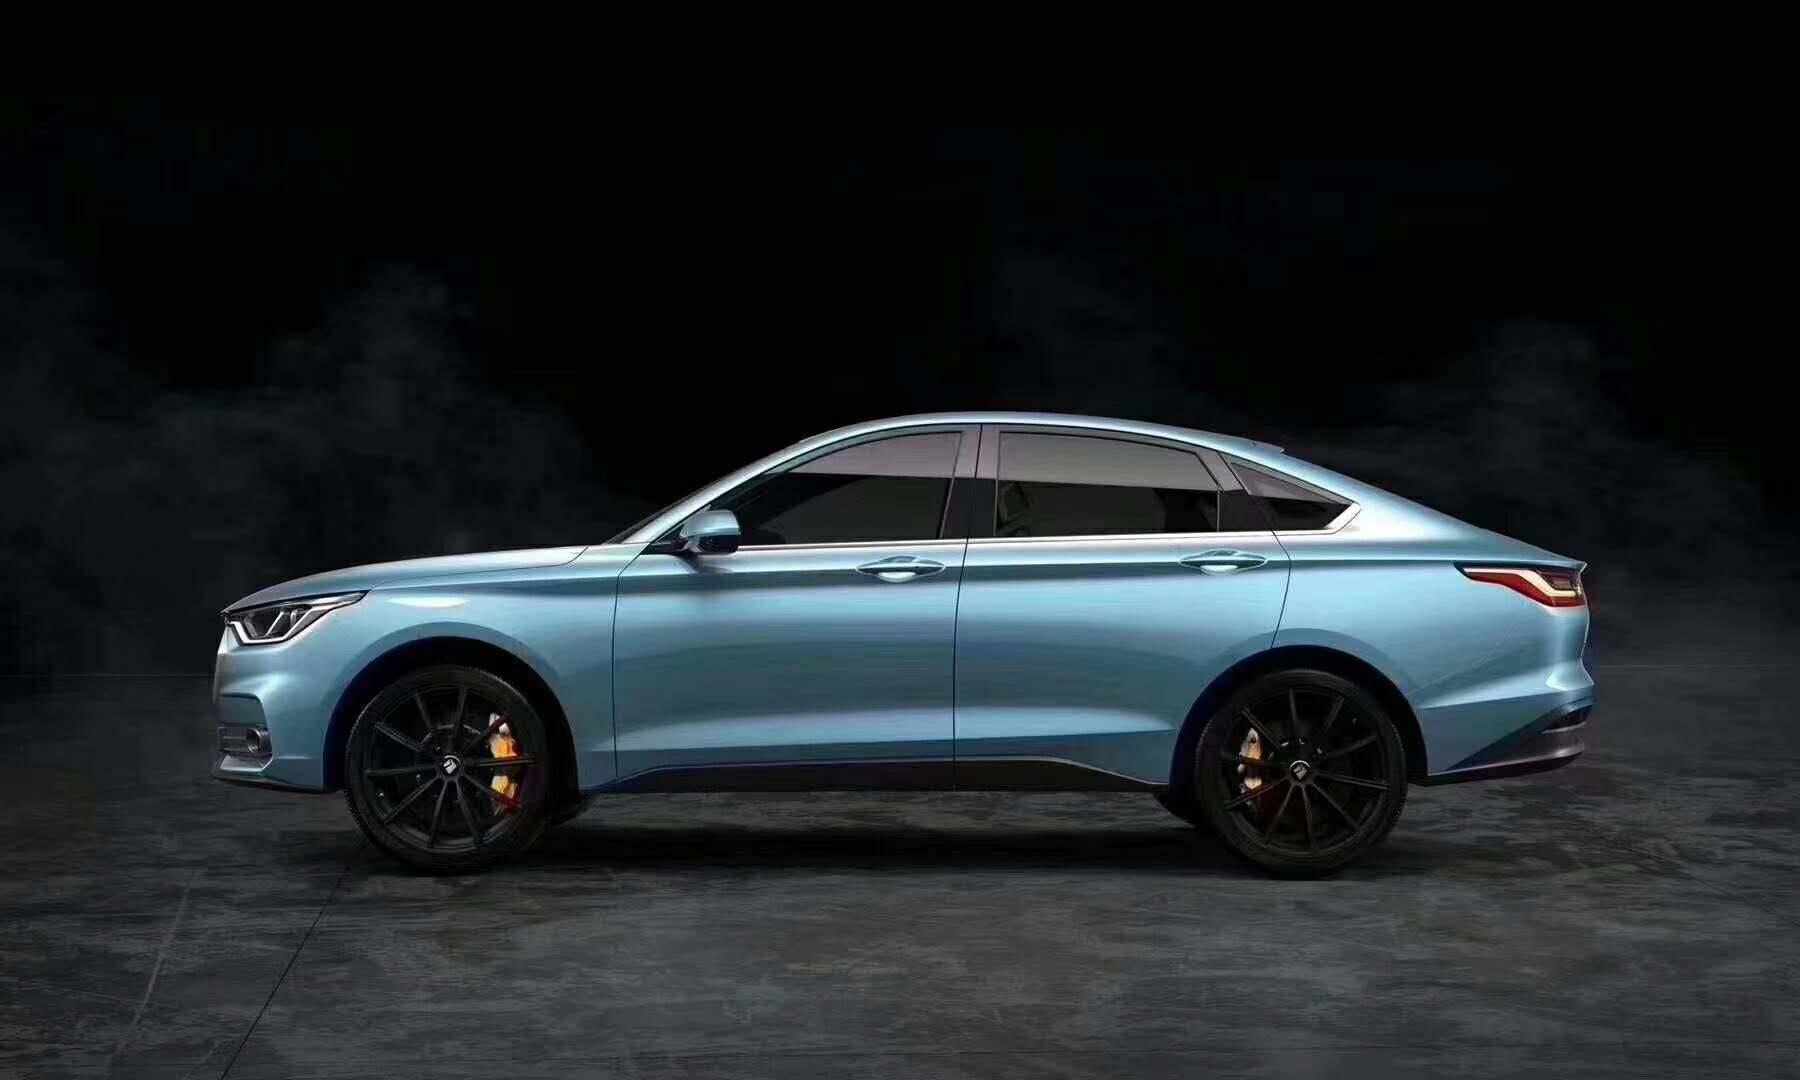 2.8米轴距是10万级合资轿车的最佳选择